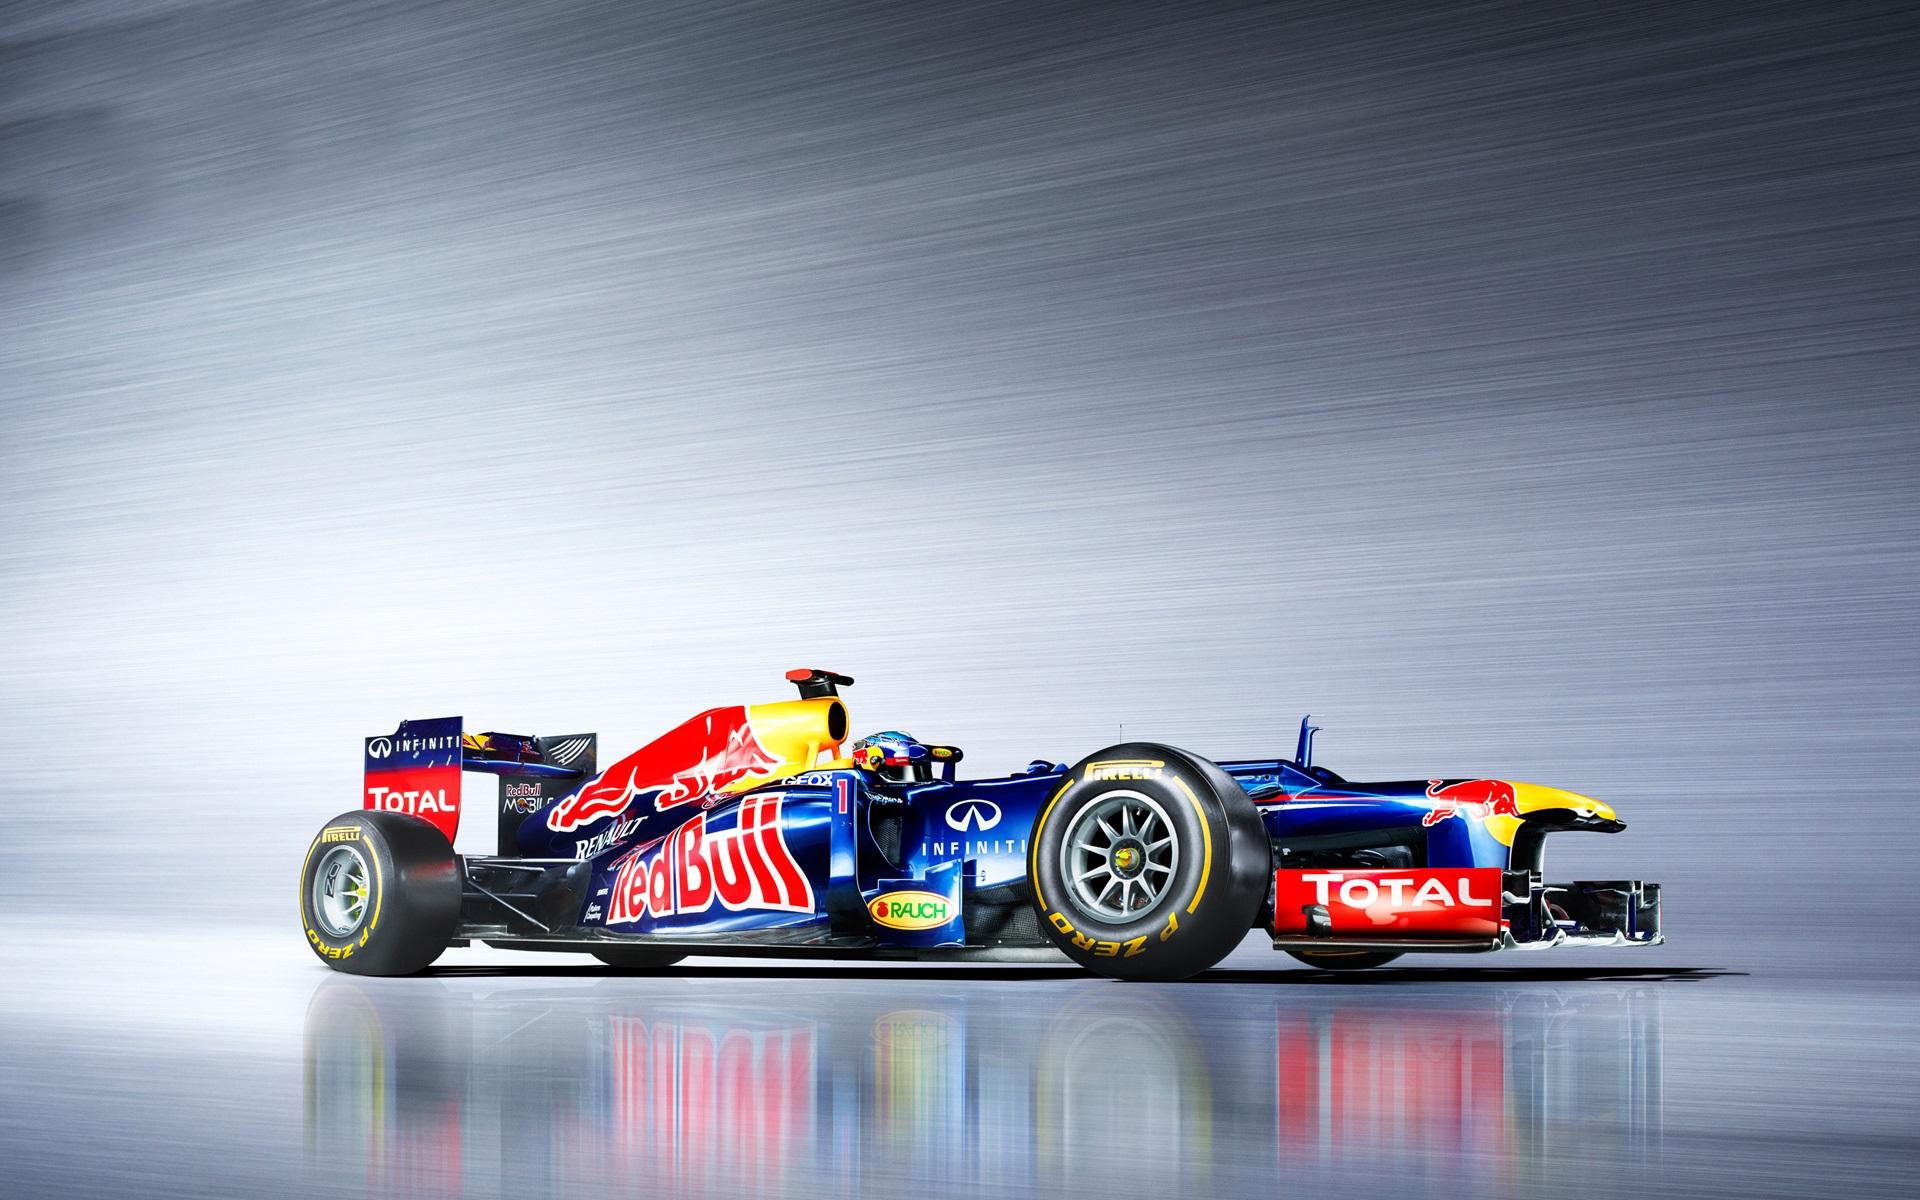 红牛壁纸_一级方程式赛车,f1,红牛,超级跑车 壁纸